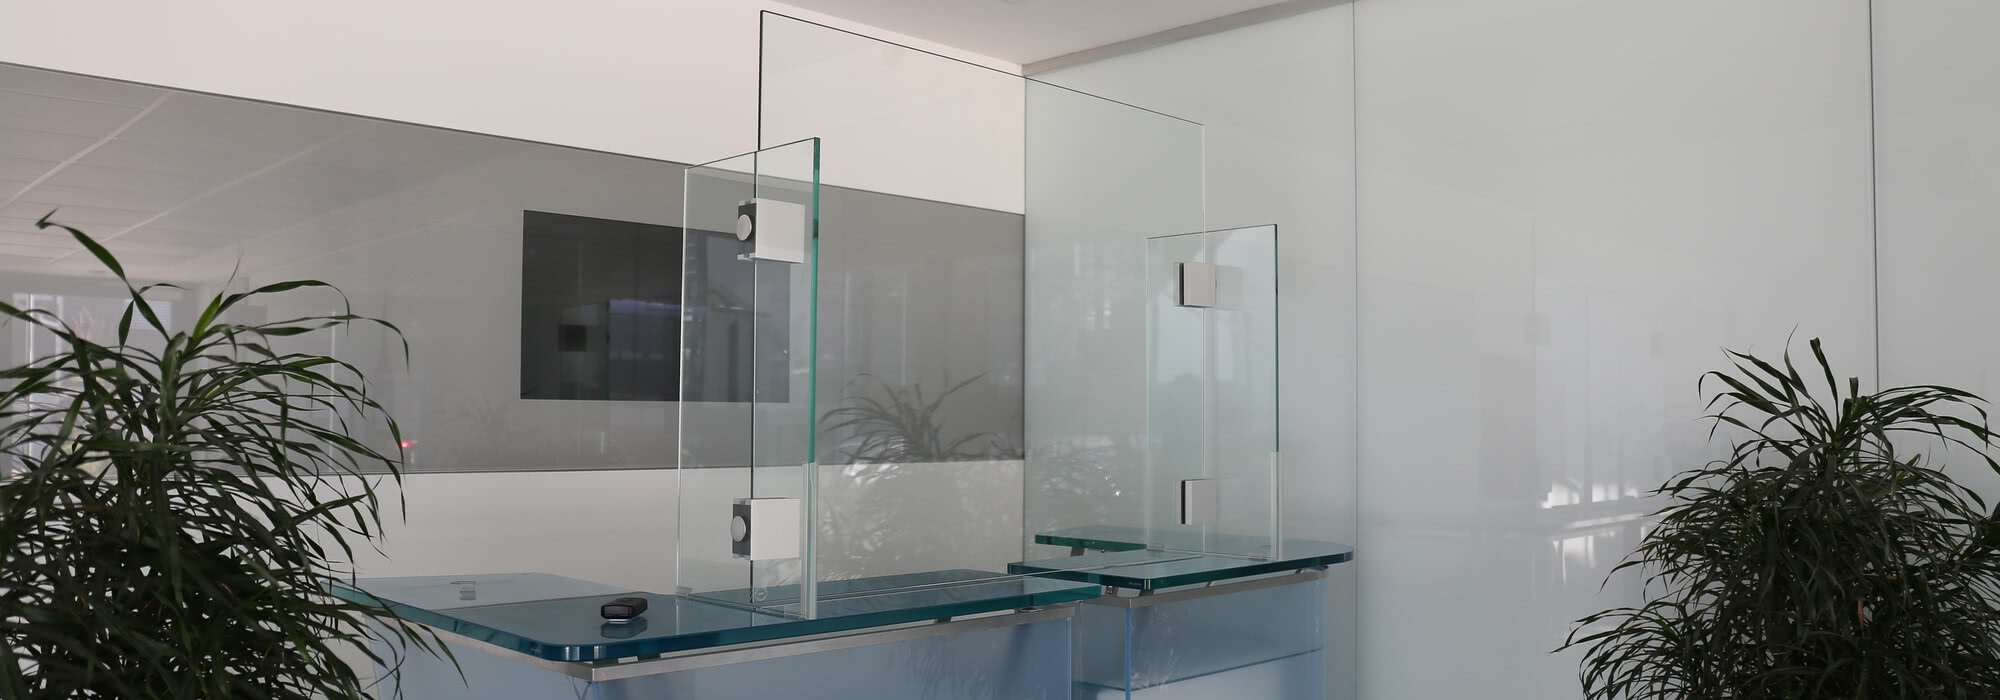 Der Thekenschutz von SPRINZ ist aus Glas und ist auch als Aufsatz mit Bodenöffnung als Durchreiche erhältlich.